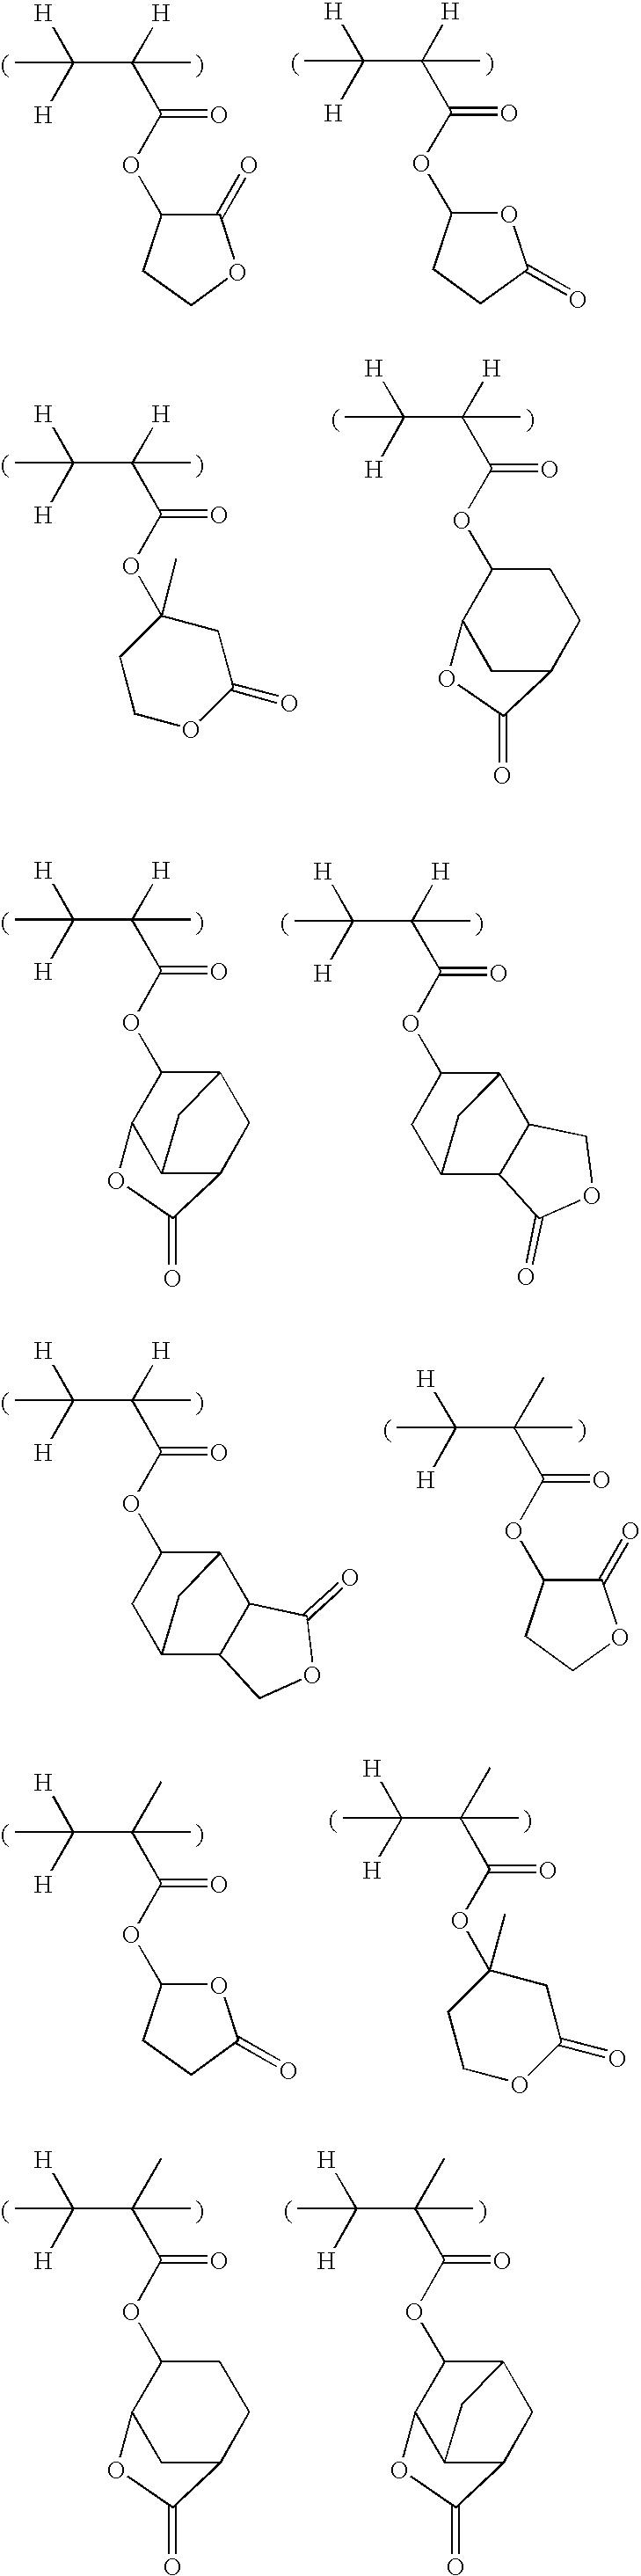 Figure US20070231738A1-20071004-C00037